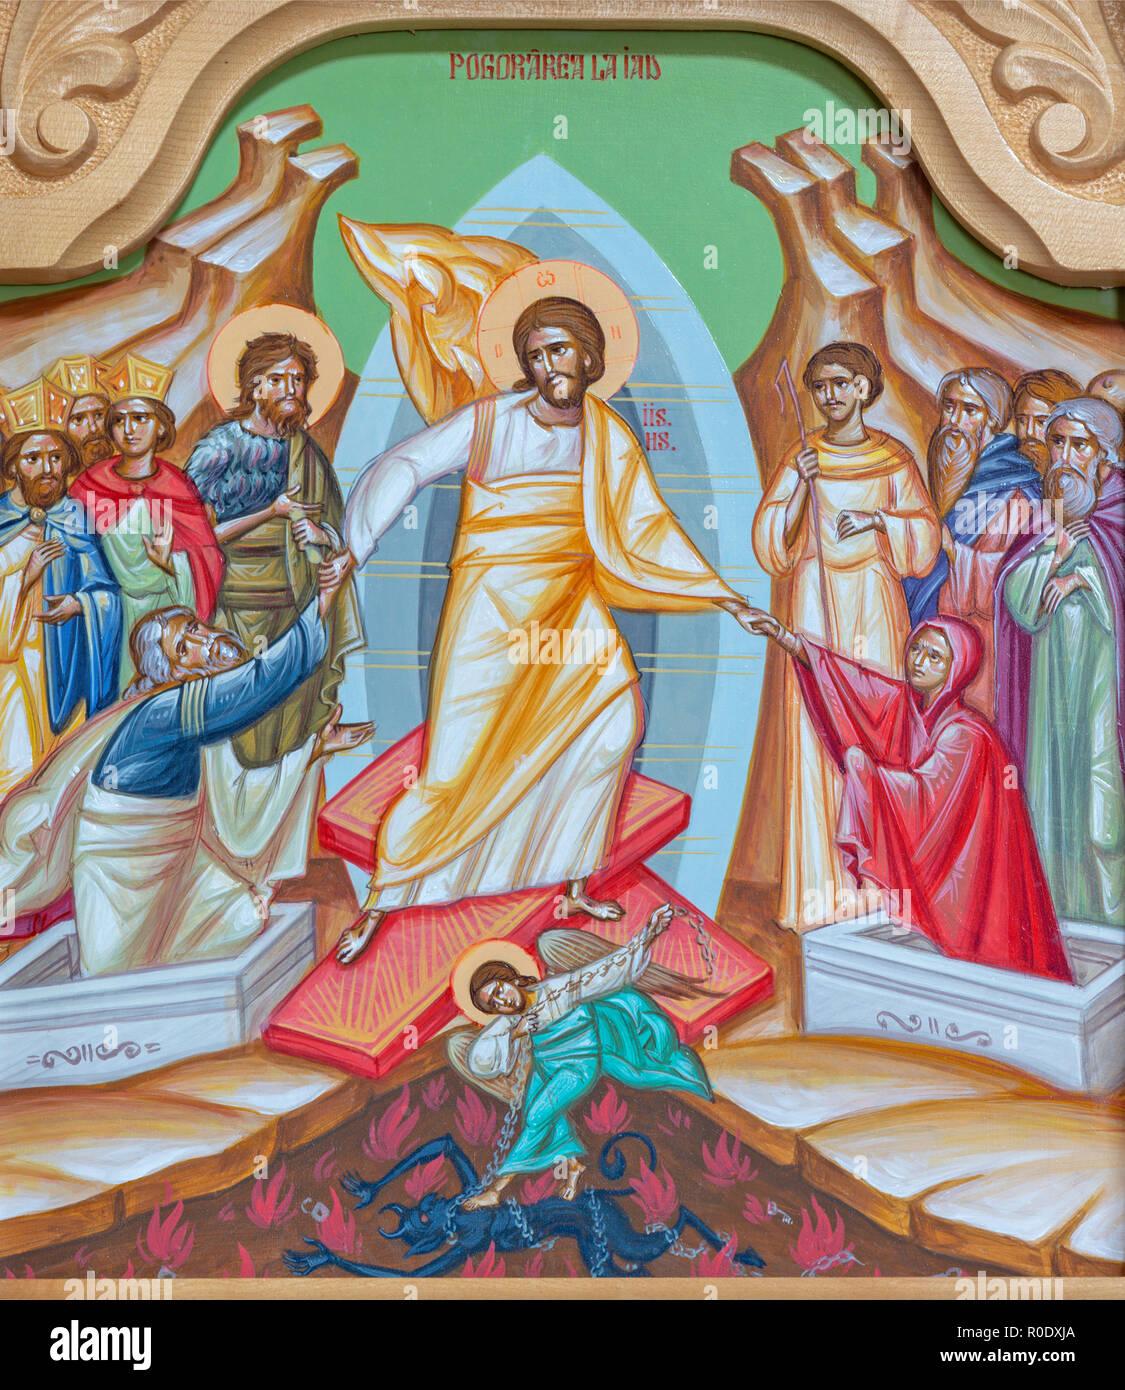 """Reggio Emilia - das Symbol der """"Harrrownig der Hölle - descensus Christi und Inferno (lateinisch)' auf der Ikonostase in der Kirche Chiesa di San Giorgio. Stockbild"""